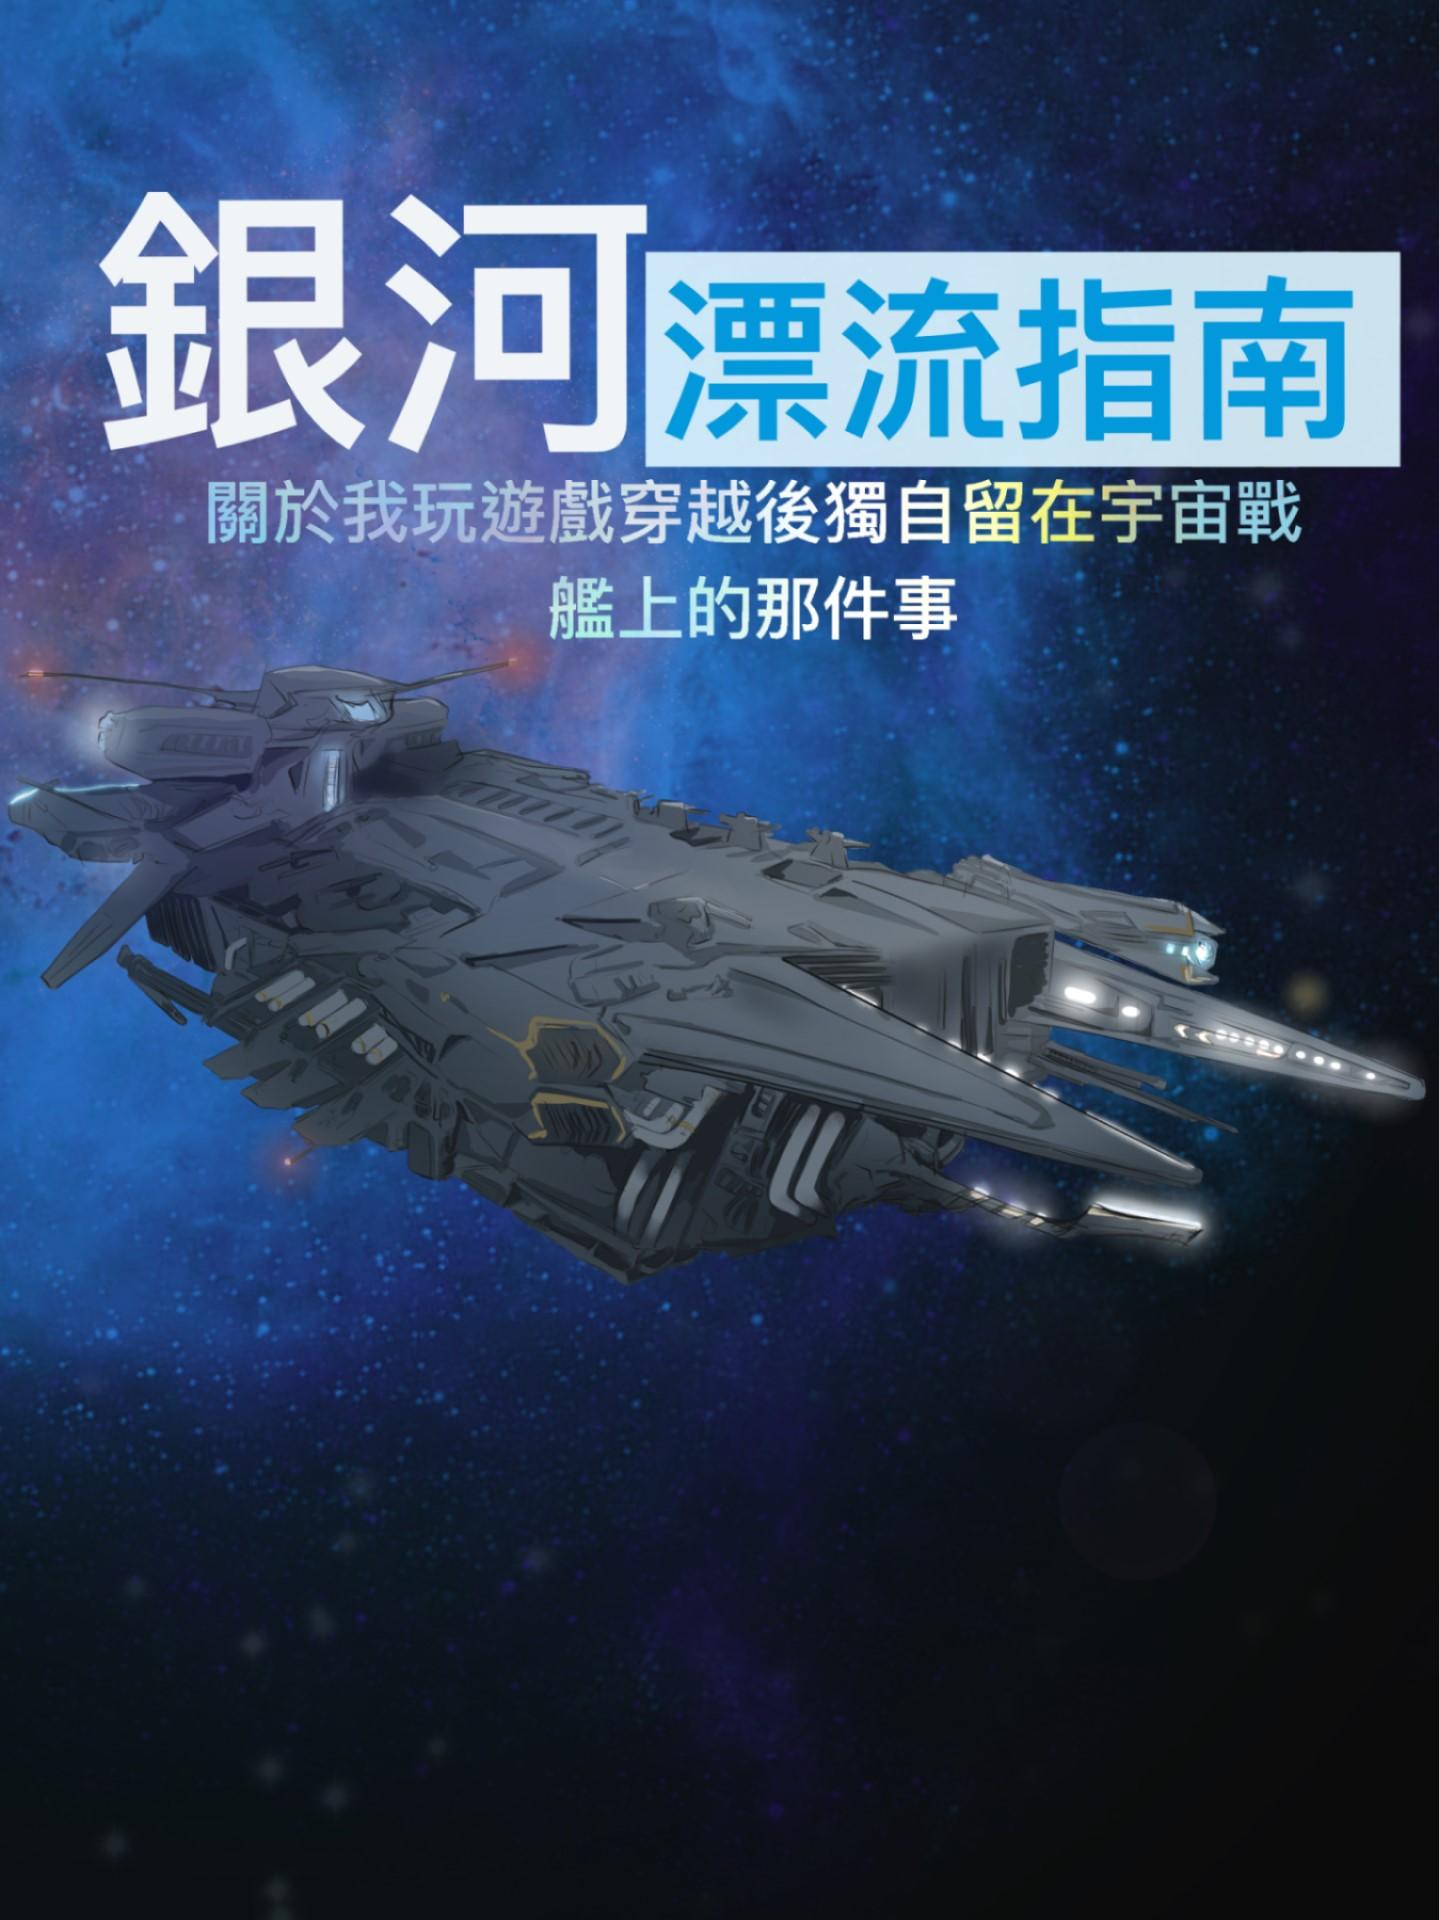 銀河漂流指南:關於我玩遊戲穿越後獨自留在宇宙戰艦上的那件事